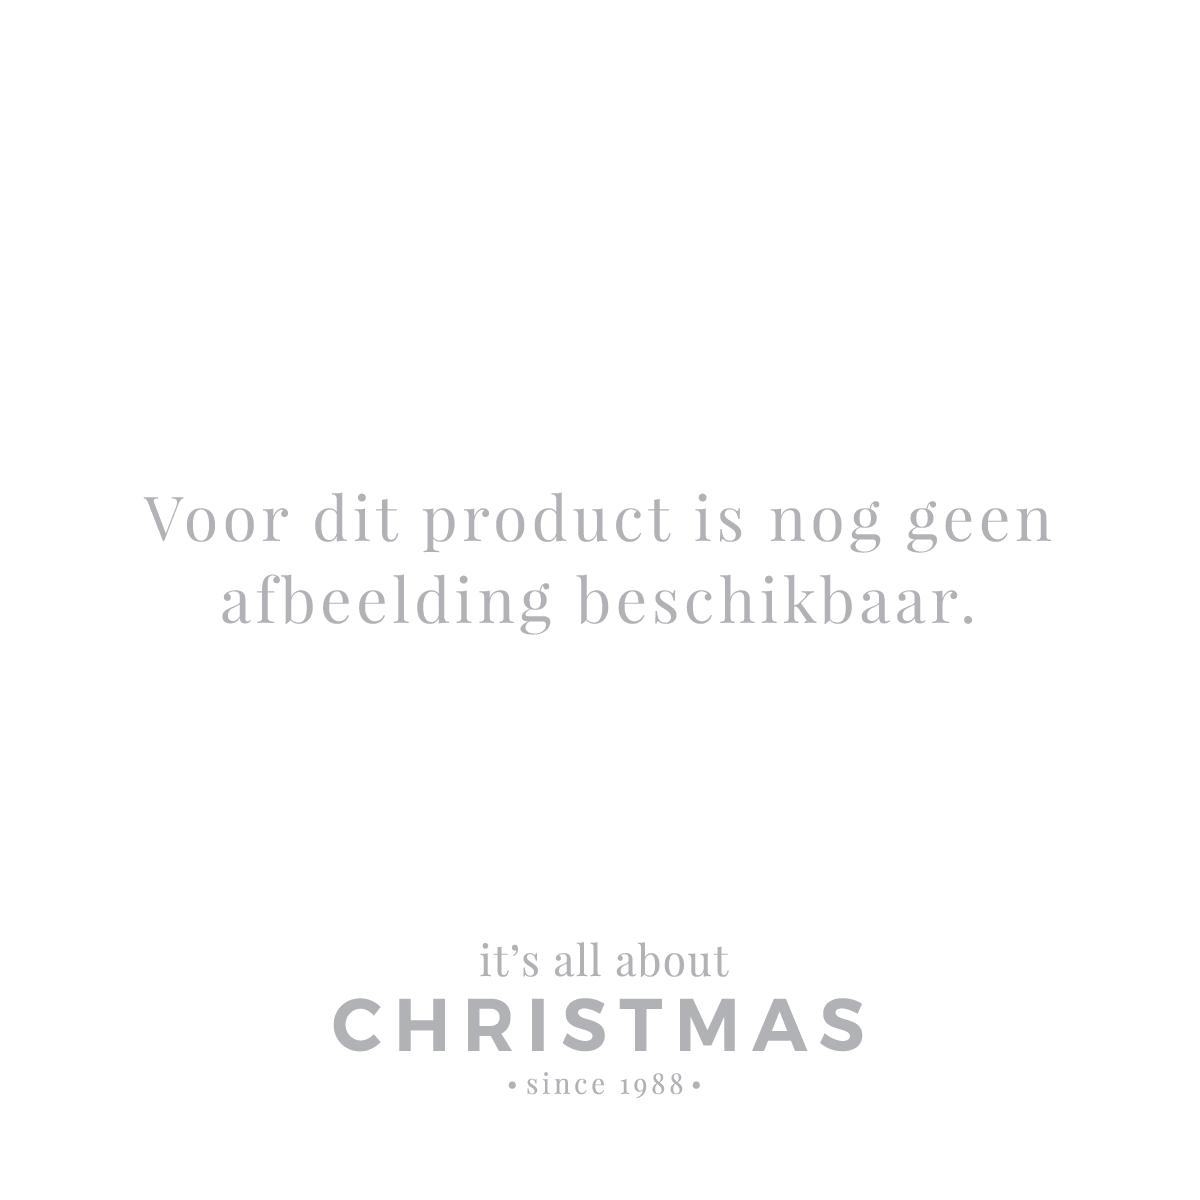 Luxe kerstbal met ooievaar door de bal heen | Kerstversiering.nl